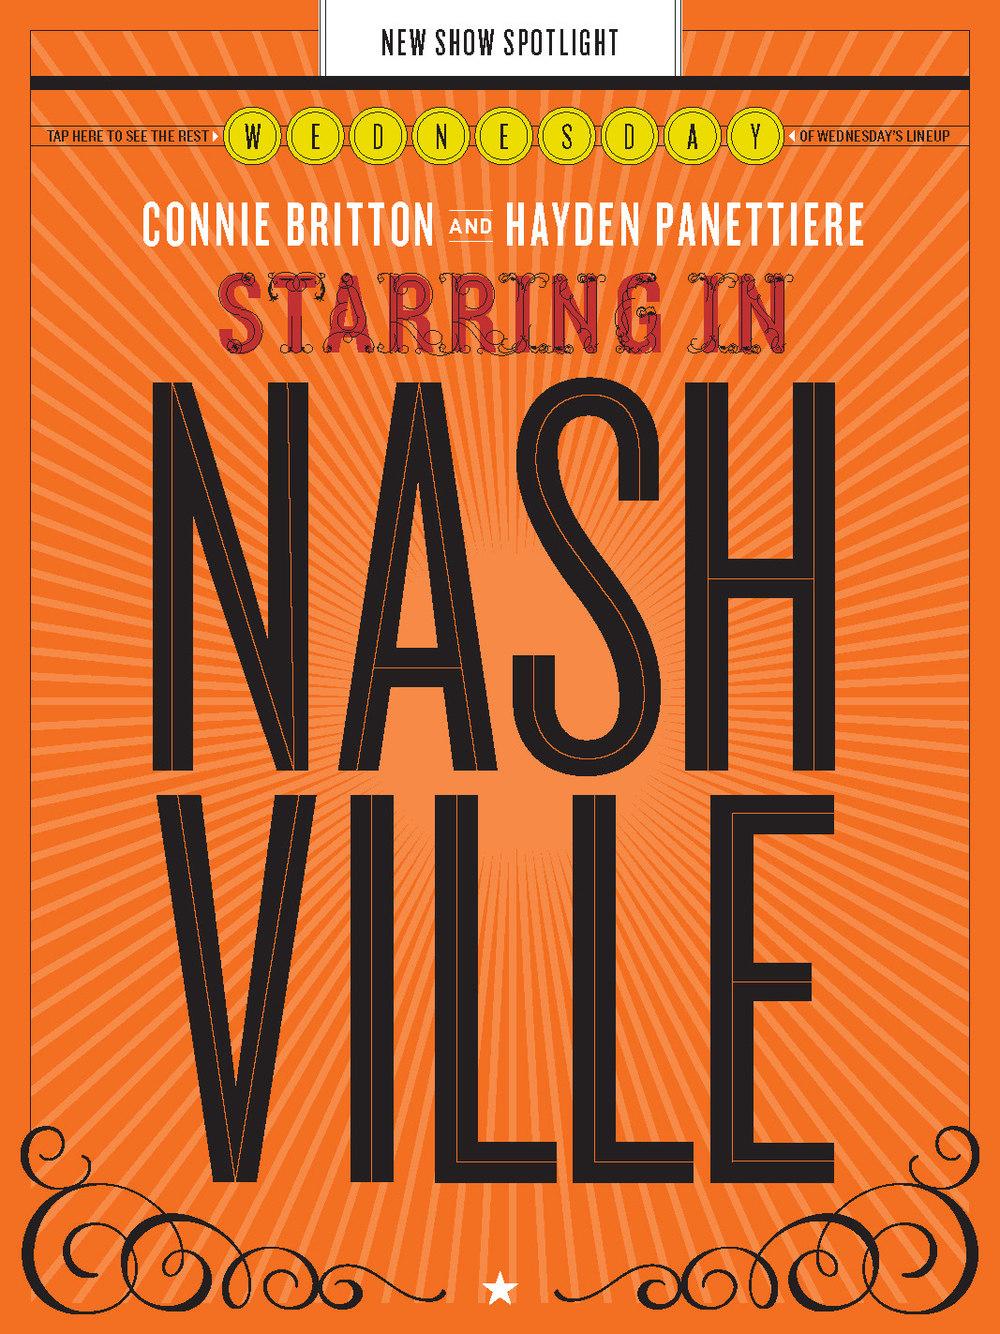 NashvilleBreakout_v;15_Page_1.jpg